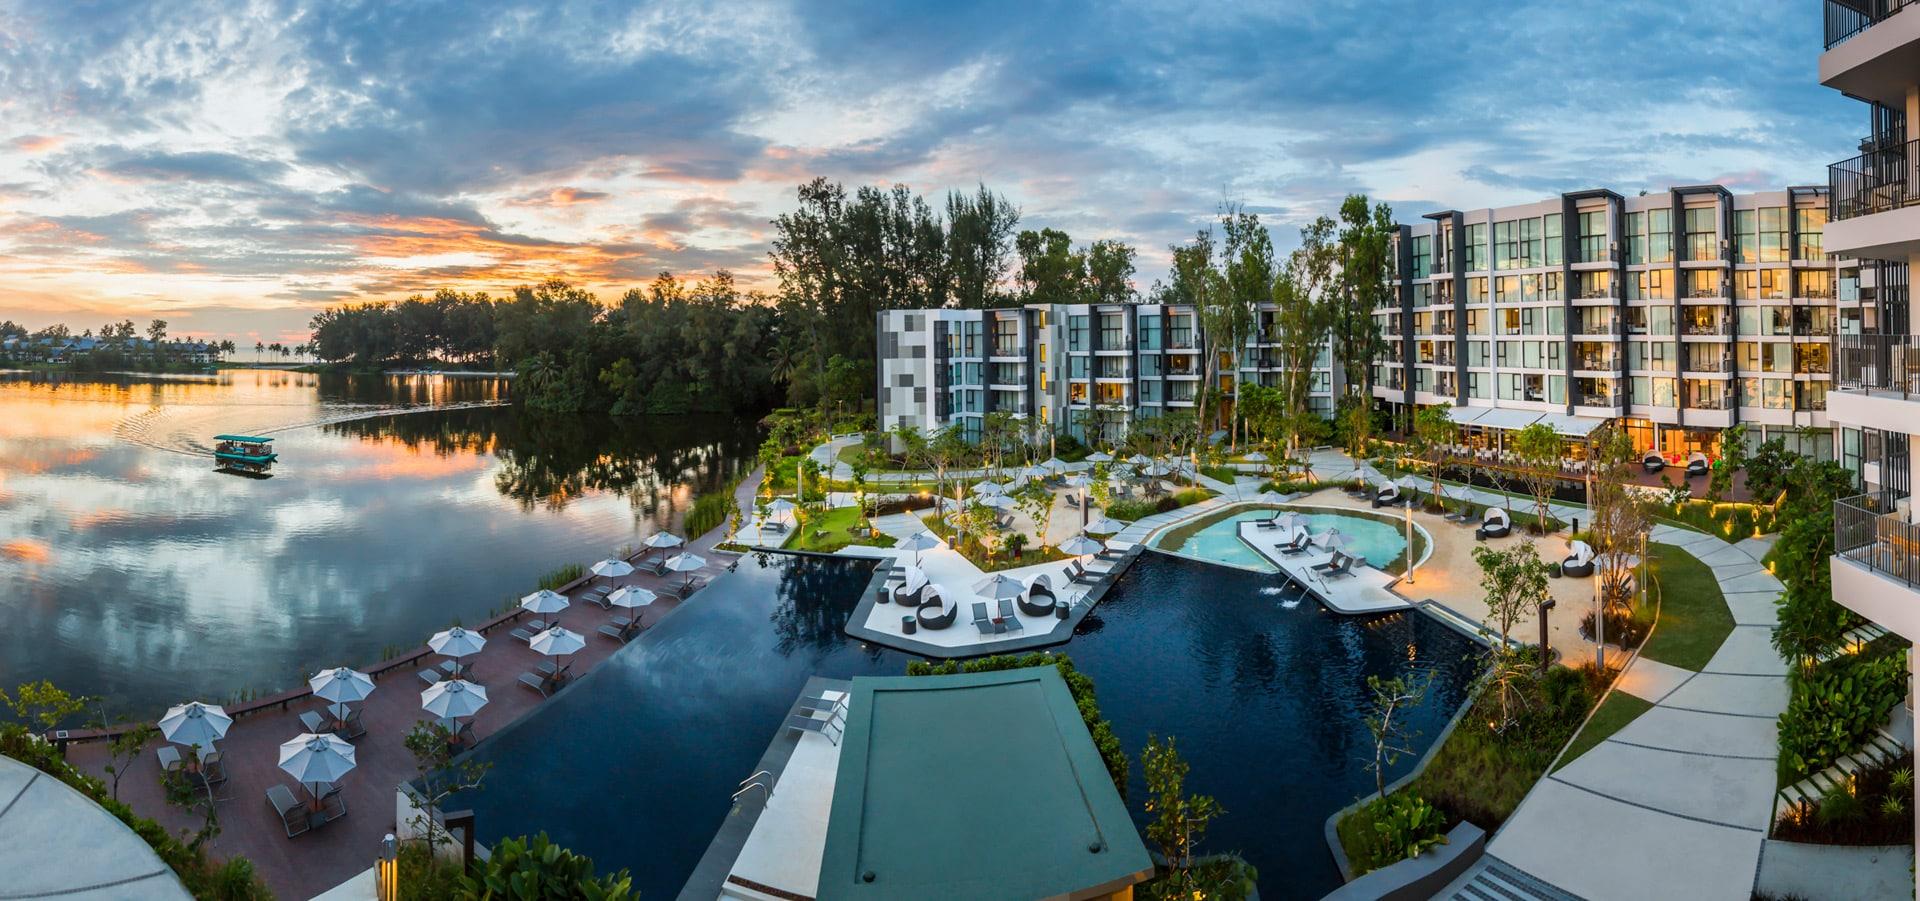 FelixHug_Hotels-&-Resorts_26